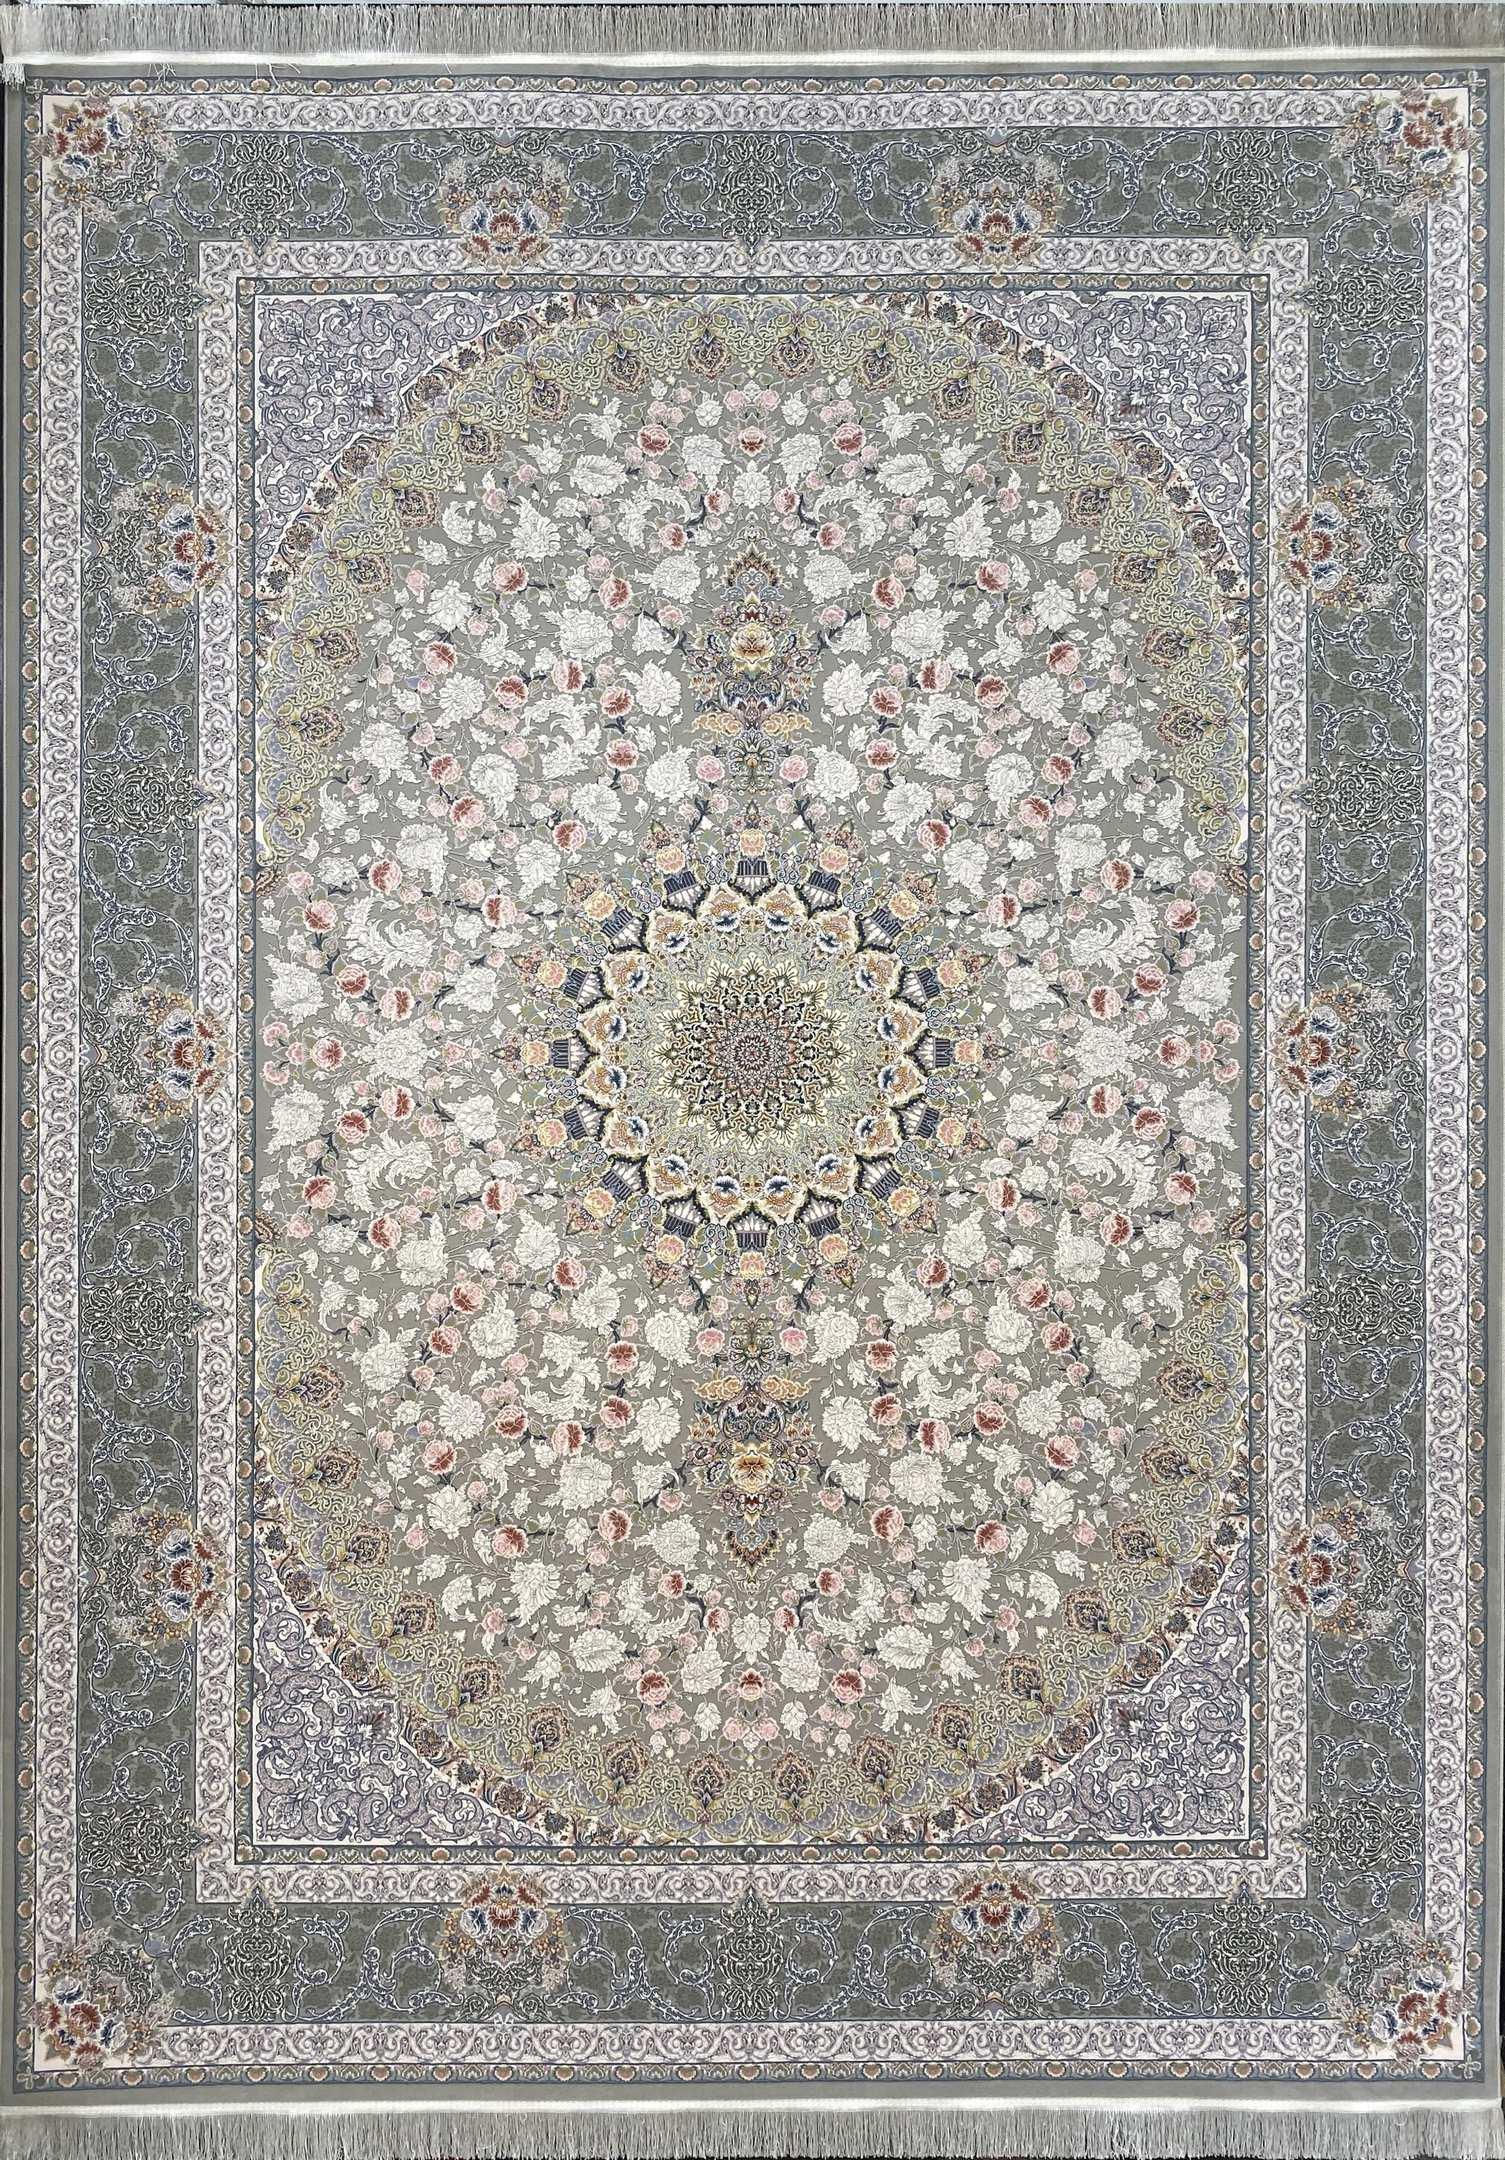 فرش نقشه یکتا طوسی گلبرجسته